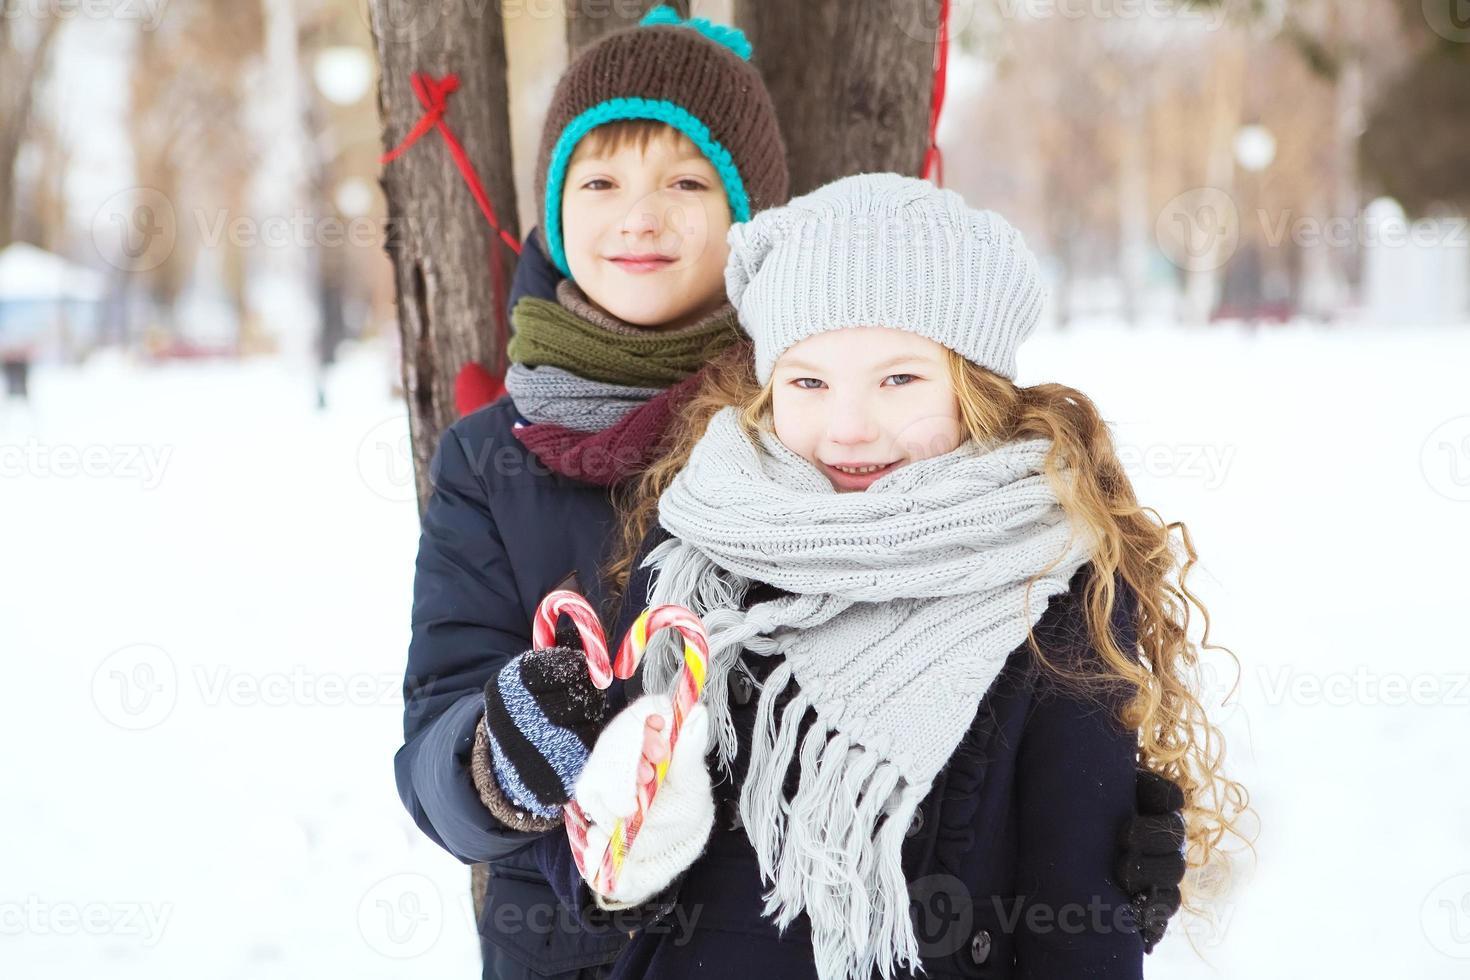 enfants garçon et fille ont joué ensemble. photo